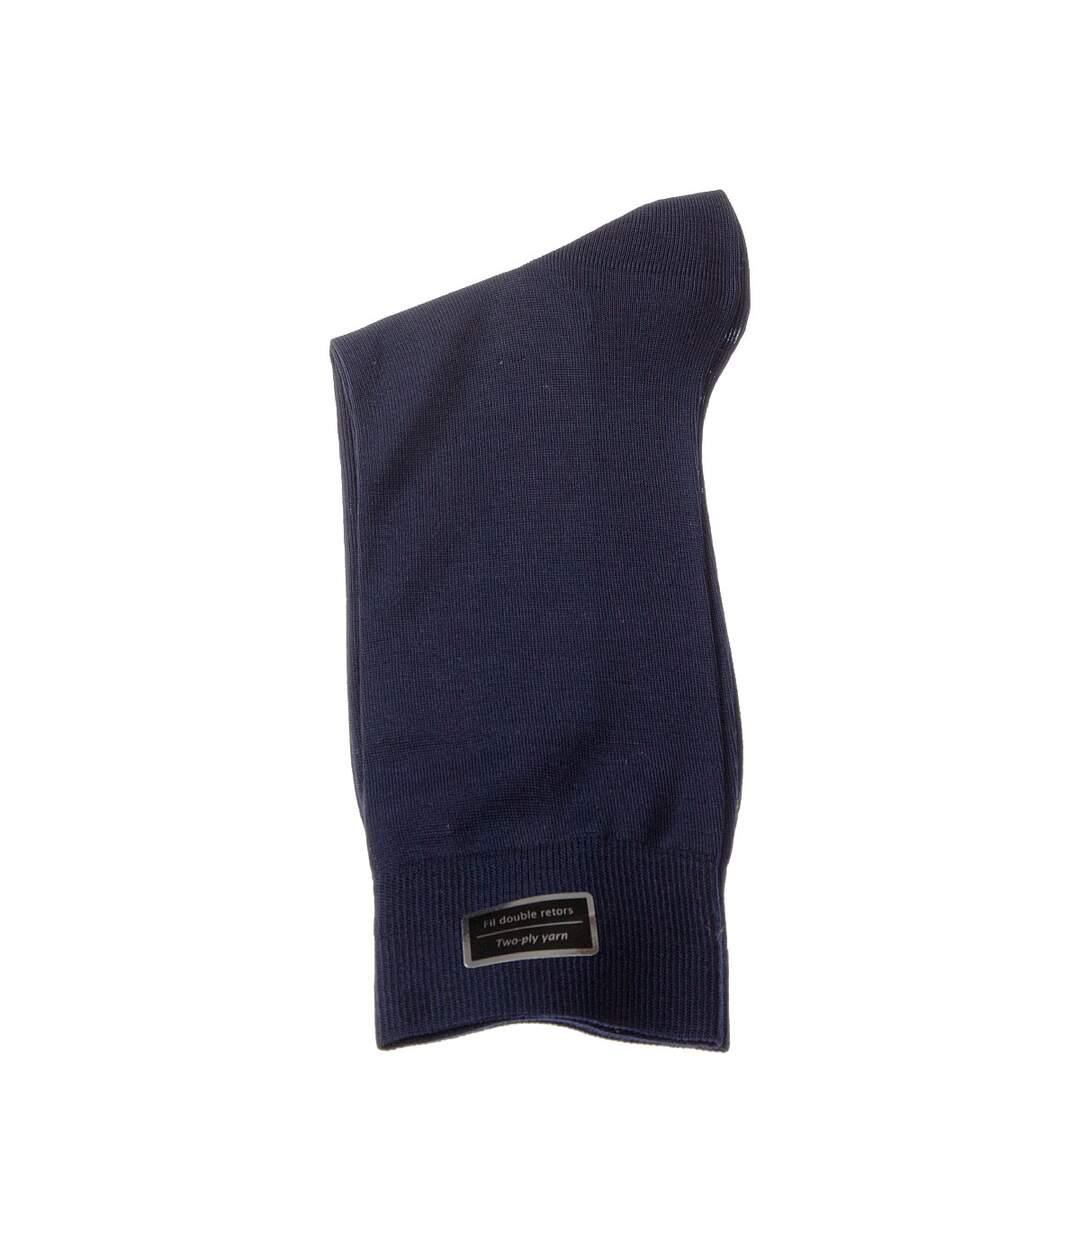 Dégagement Chaussette Niveau mollet 1 paire Coutures plates Sans bouclette Fine Fil d\'écosse Bleu marine Excellence dsf.d455nksdKLFHG